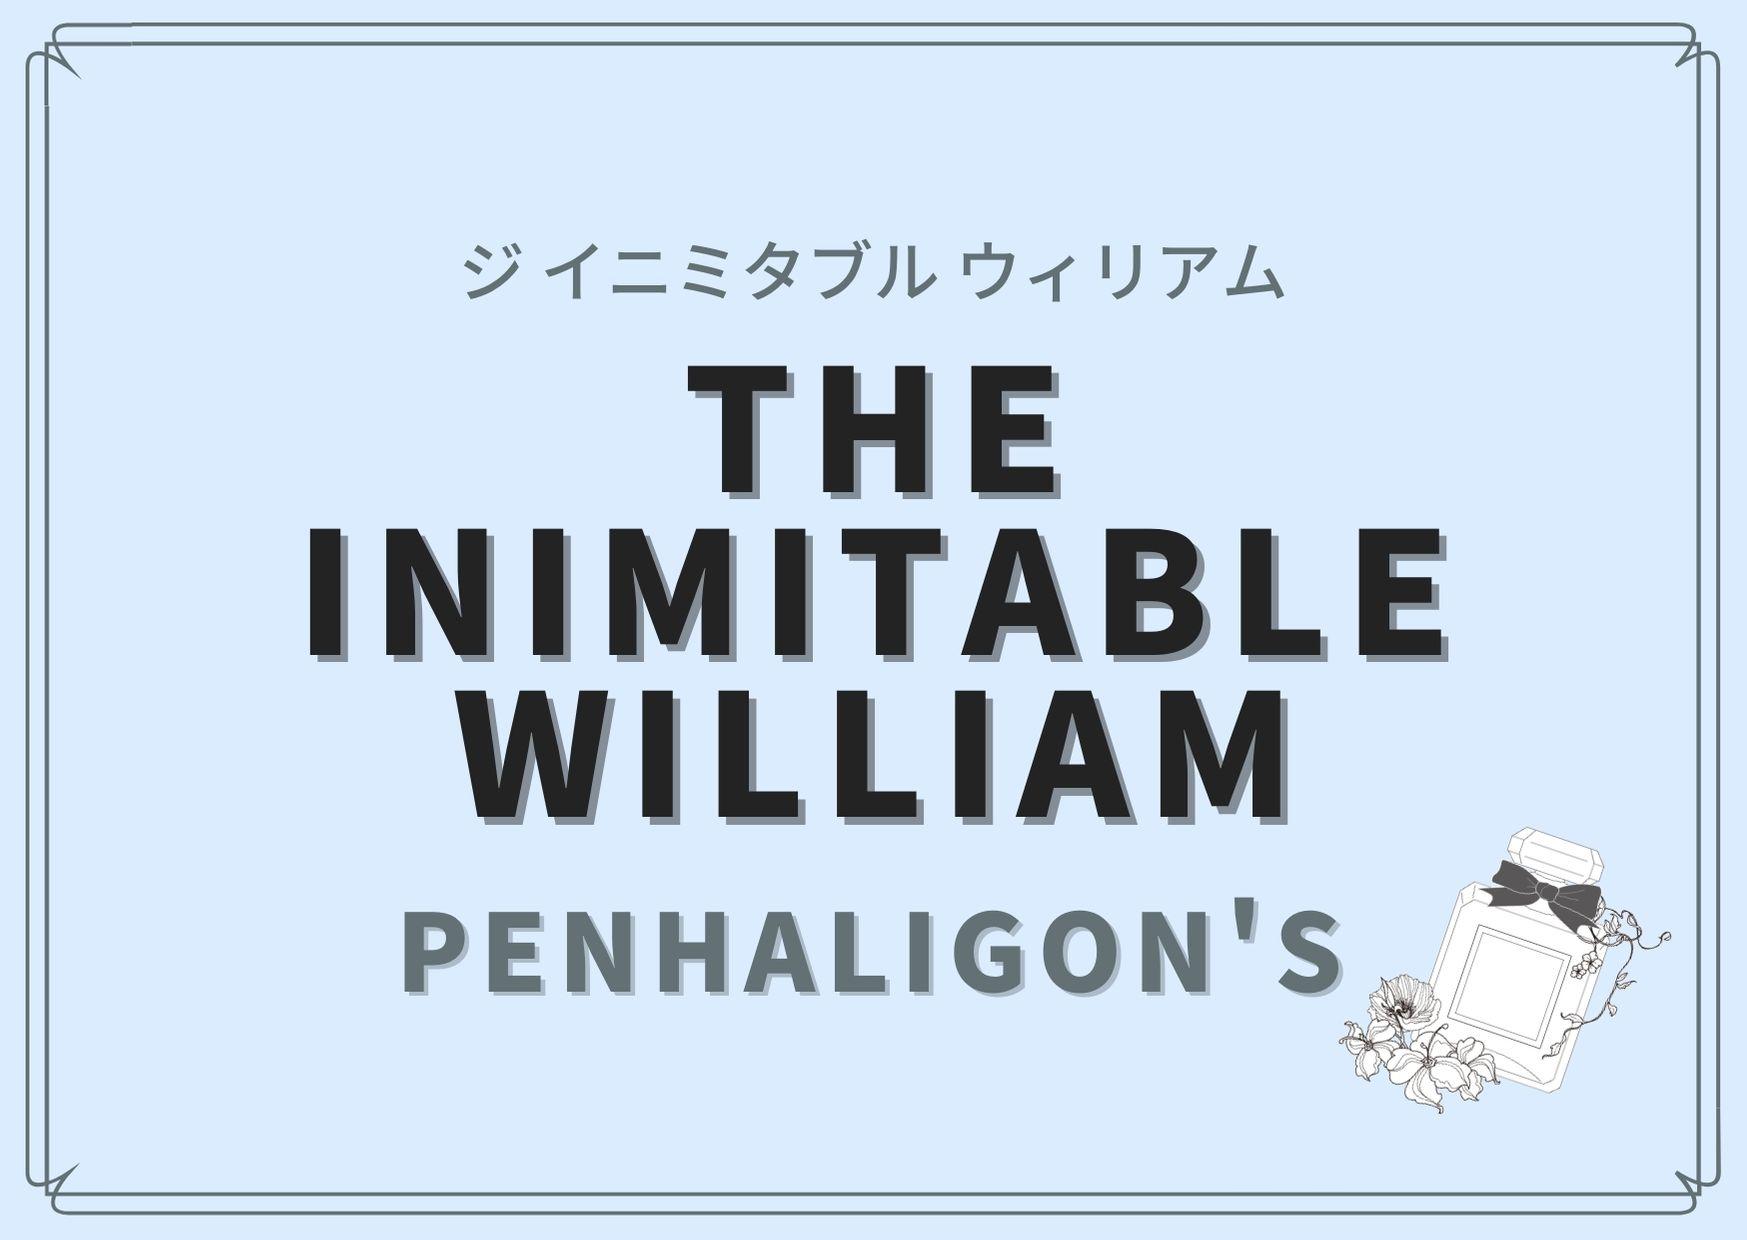 The Inimitable William(ジ イニミタブル ウィリアム)/PENHALIGON'S(ペンハリガン)